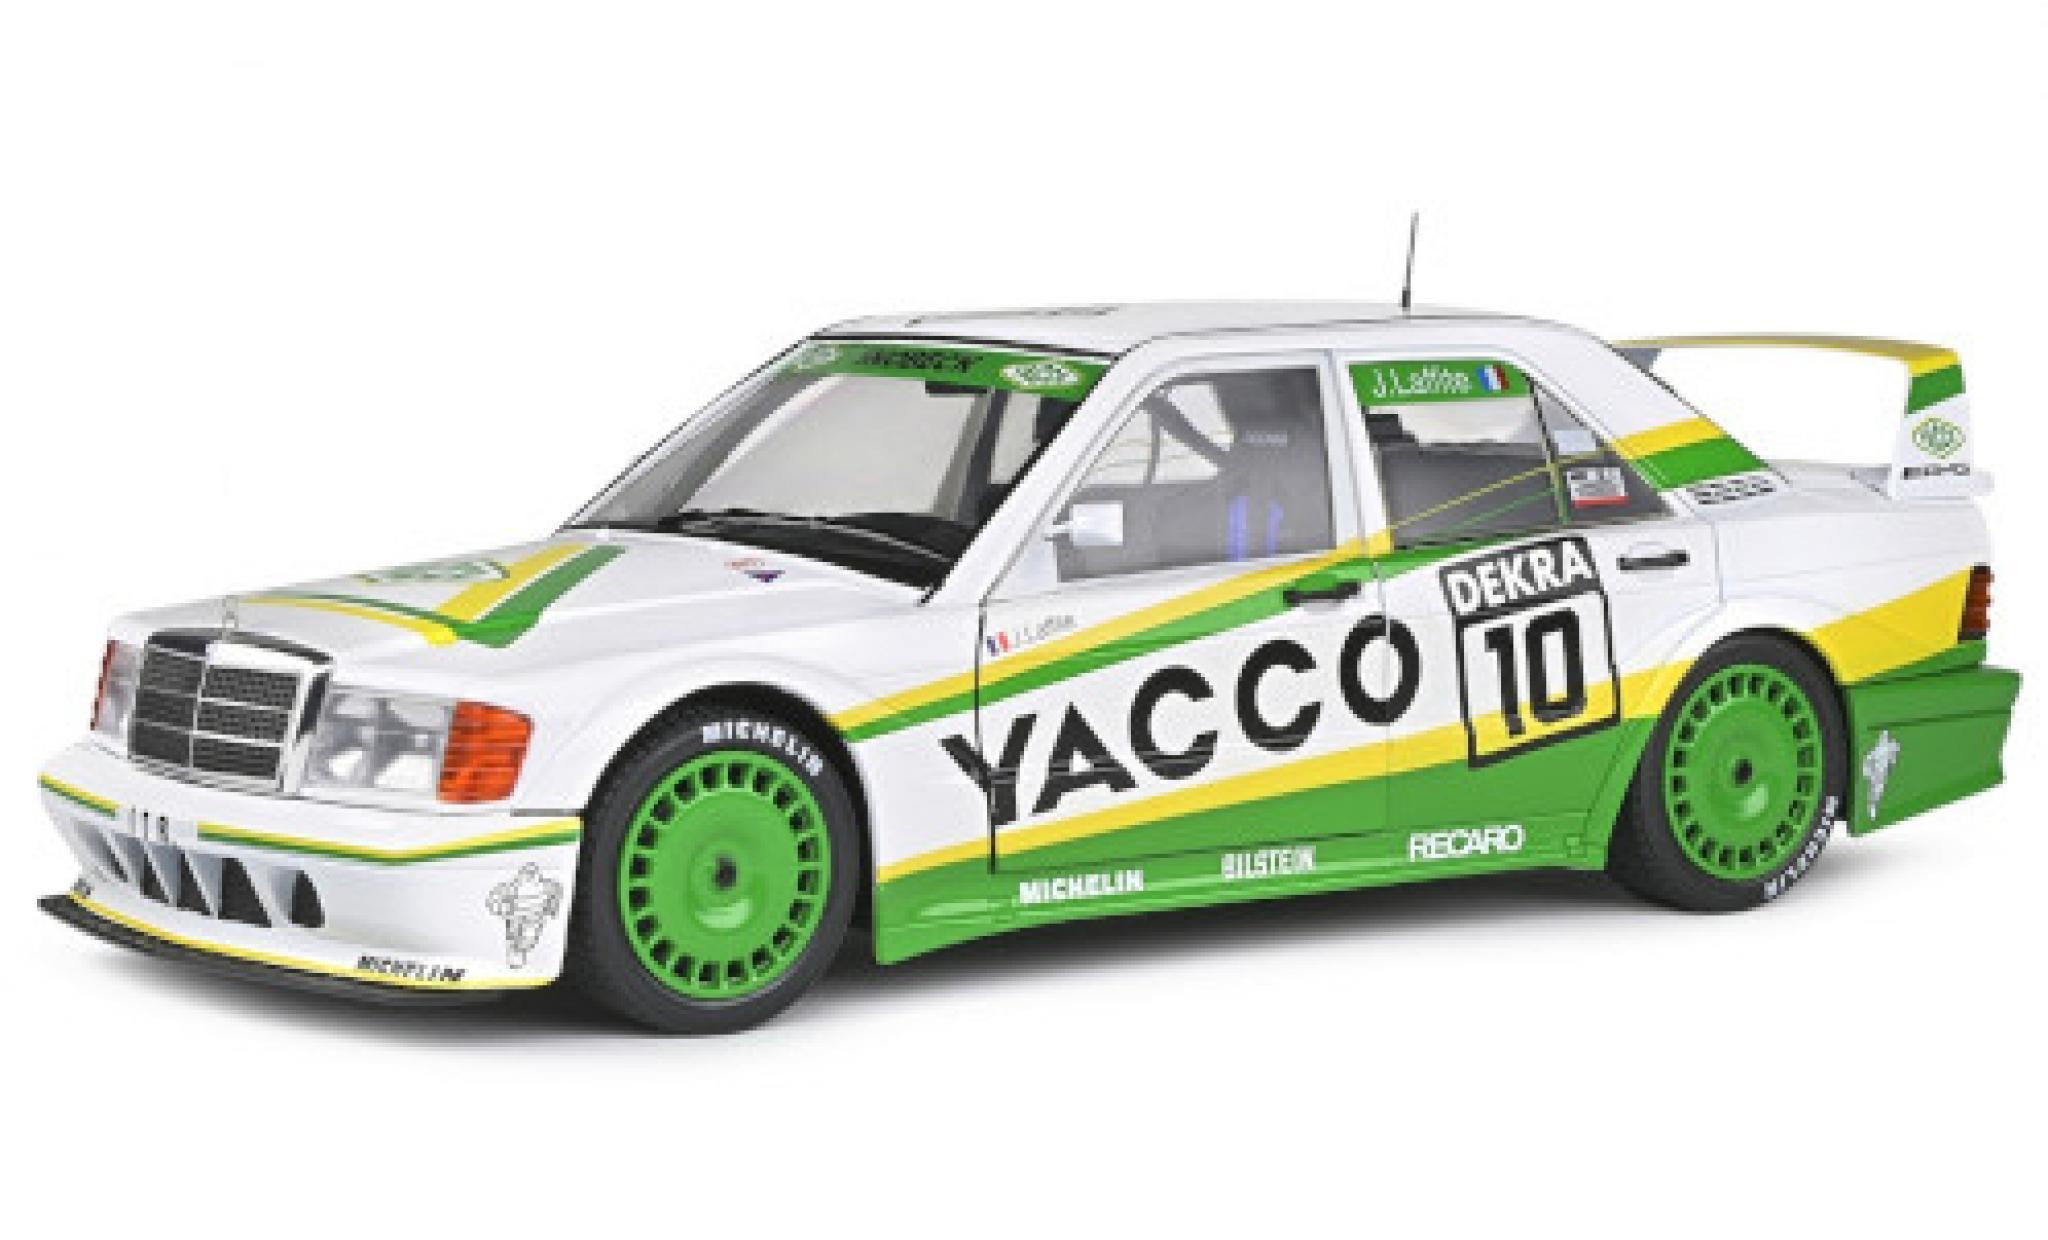 Mercedes 190 1/18 Solido E 2.5-16 Evo 2 (W201) No.10 Team Snobeck Yacco DTM 1991 J.Laffite